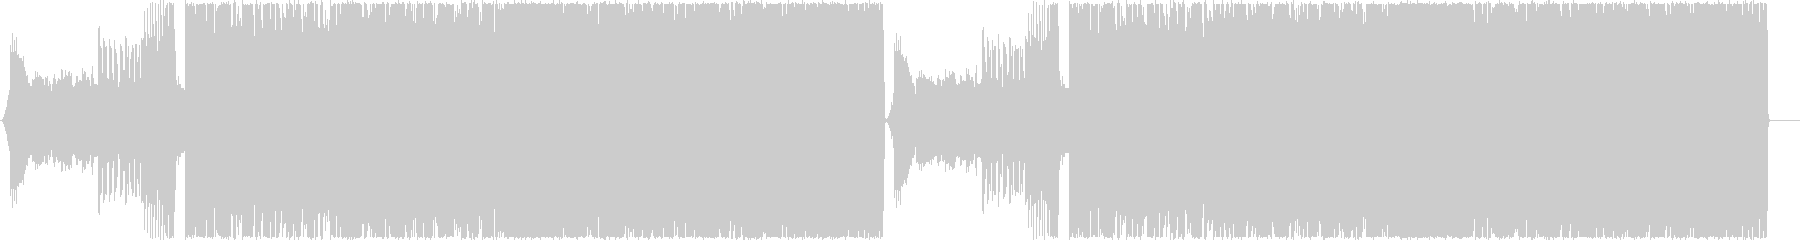 疾走感のあるハイテンポなデジタルロックAの未再生の波形